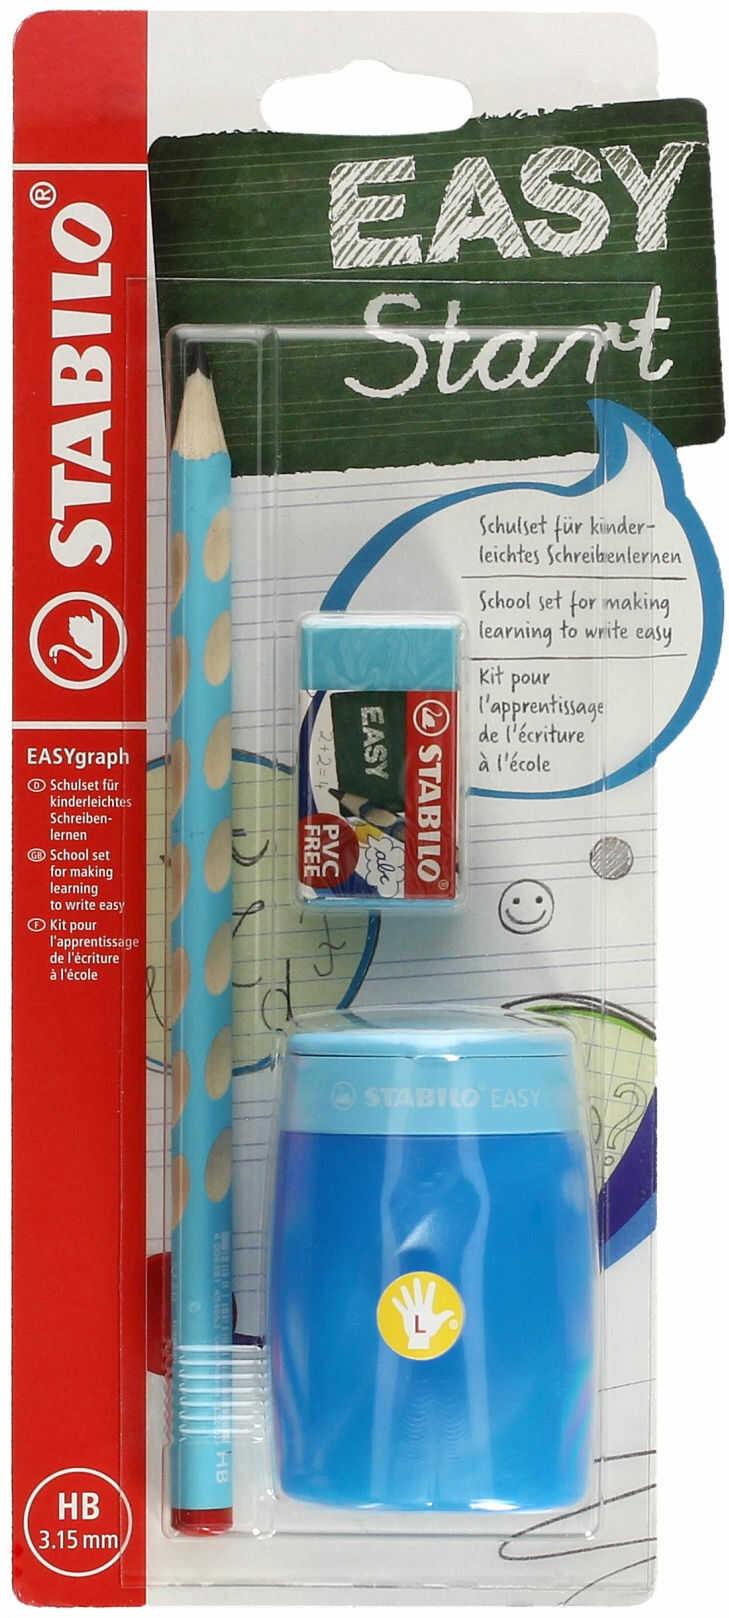 Ołówek do nauki pisania dla leworęcznych HB niebieski Easygraph Stabilo SchoolSet + temperówka i gumka